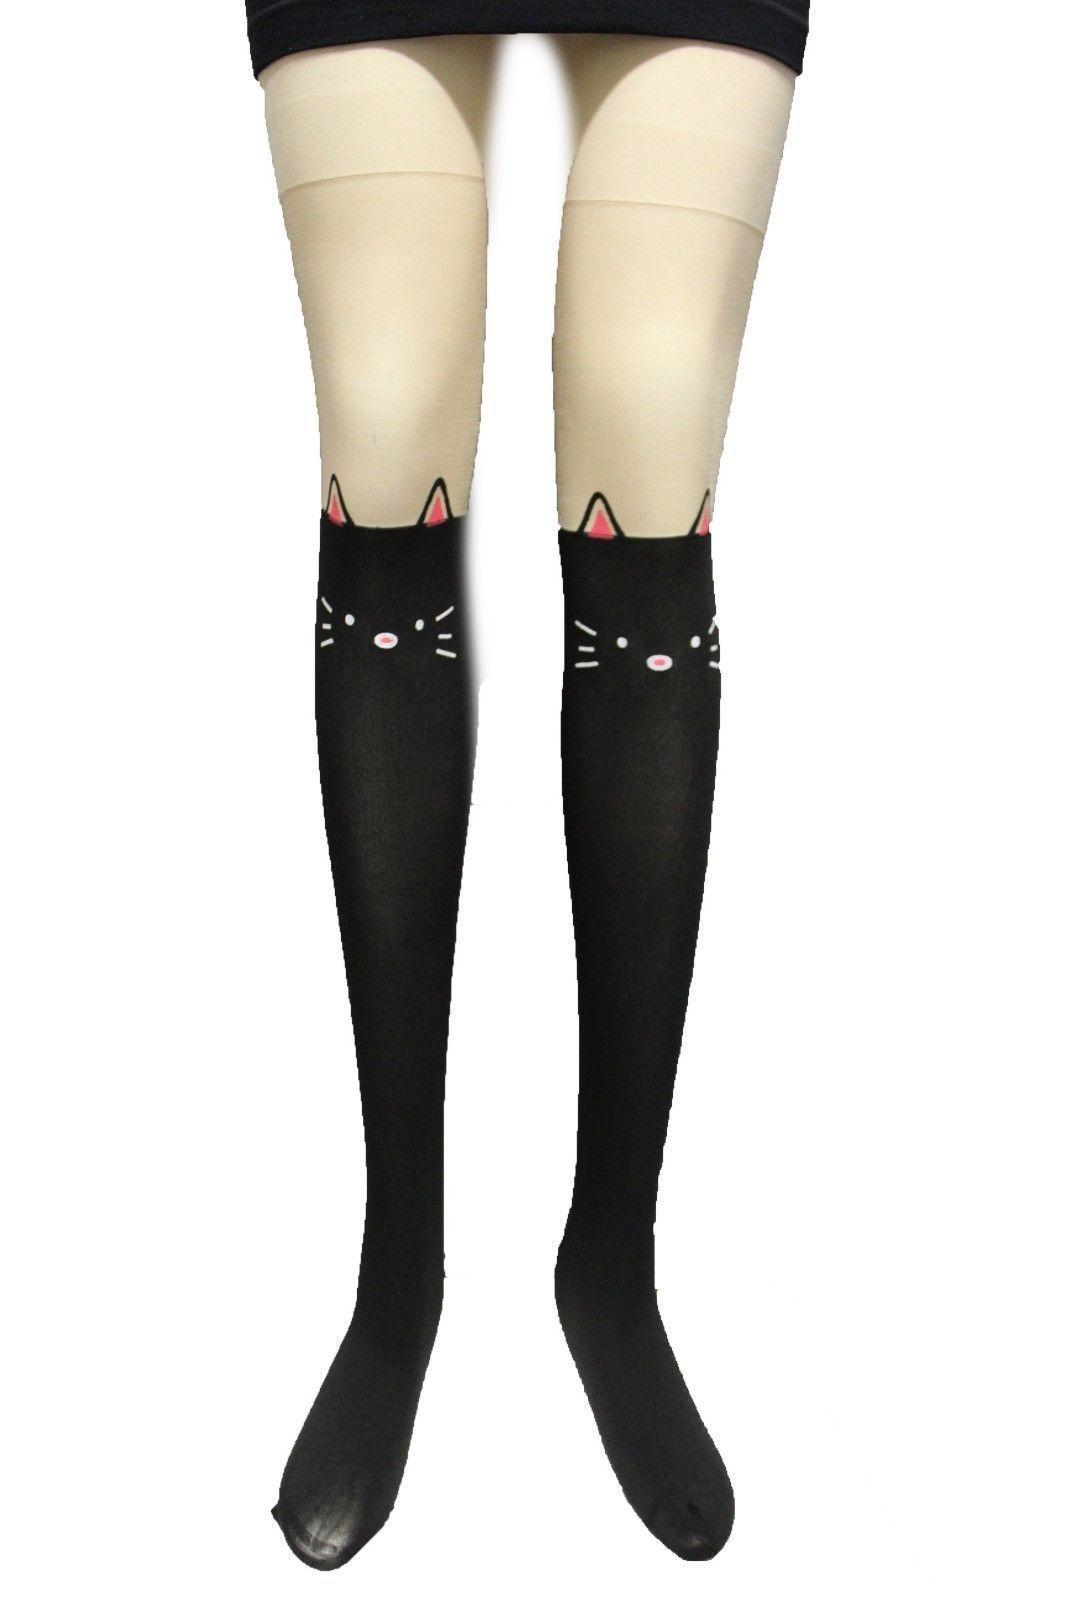 rosette ears stockings - photo #48